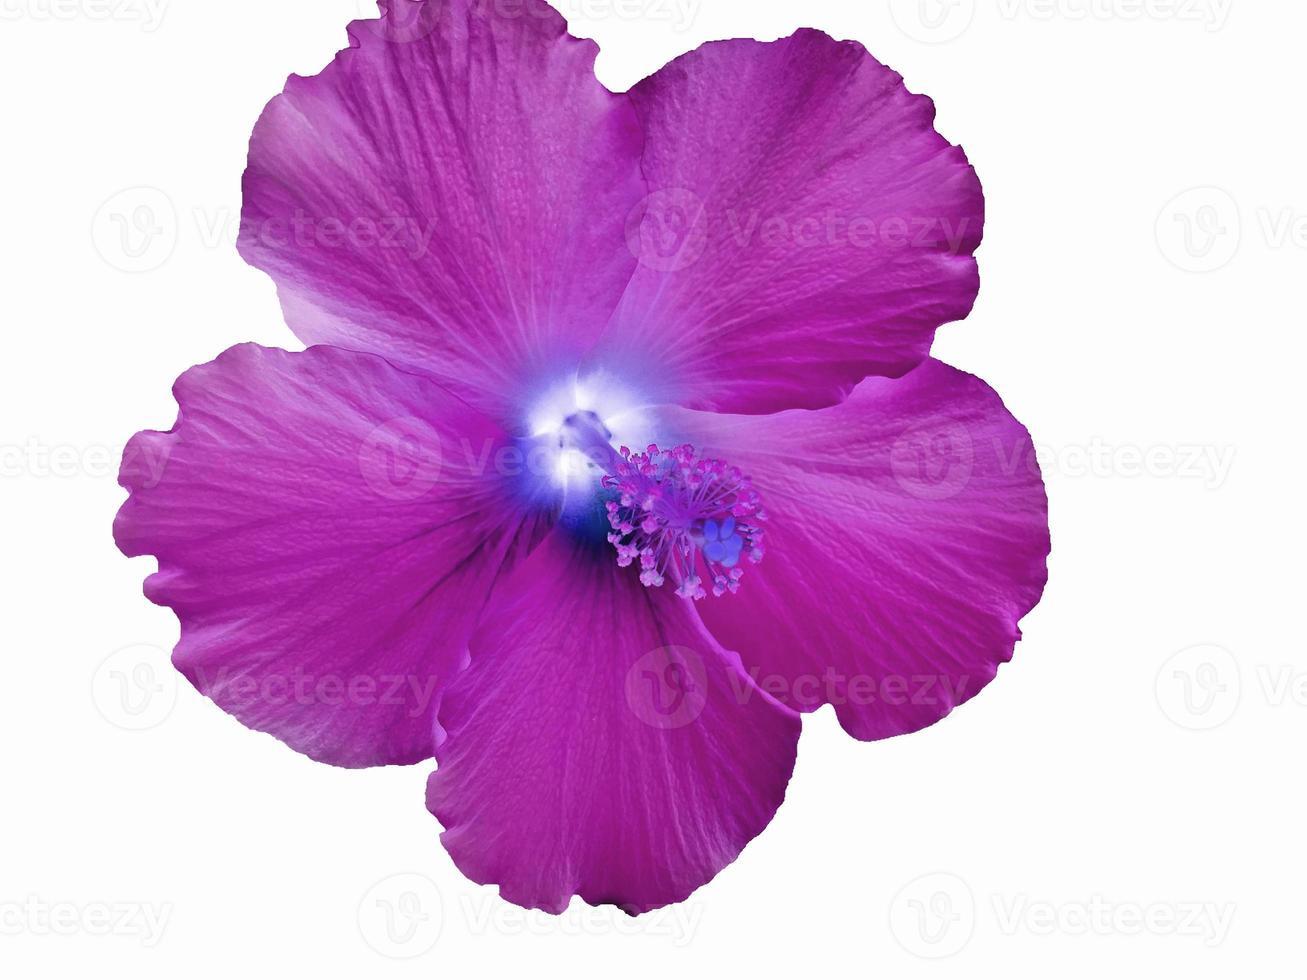 colorfull flor de hibisco havaiano magenta foto